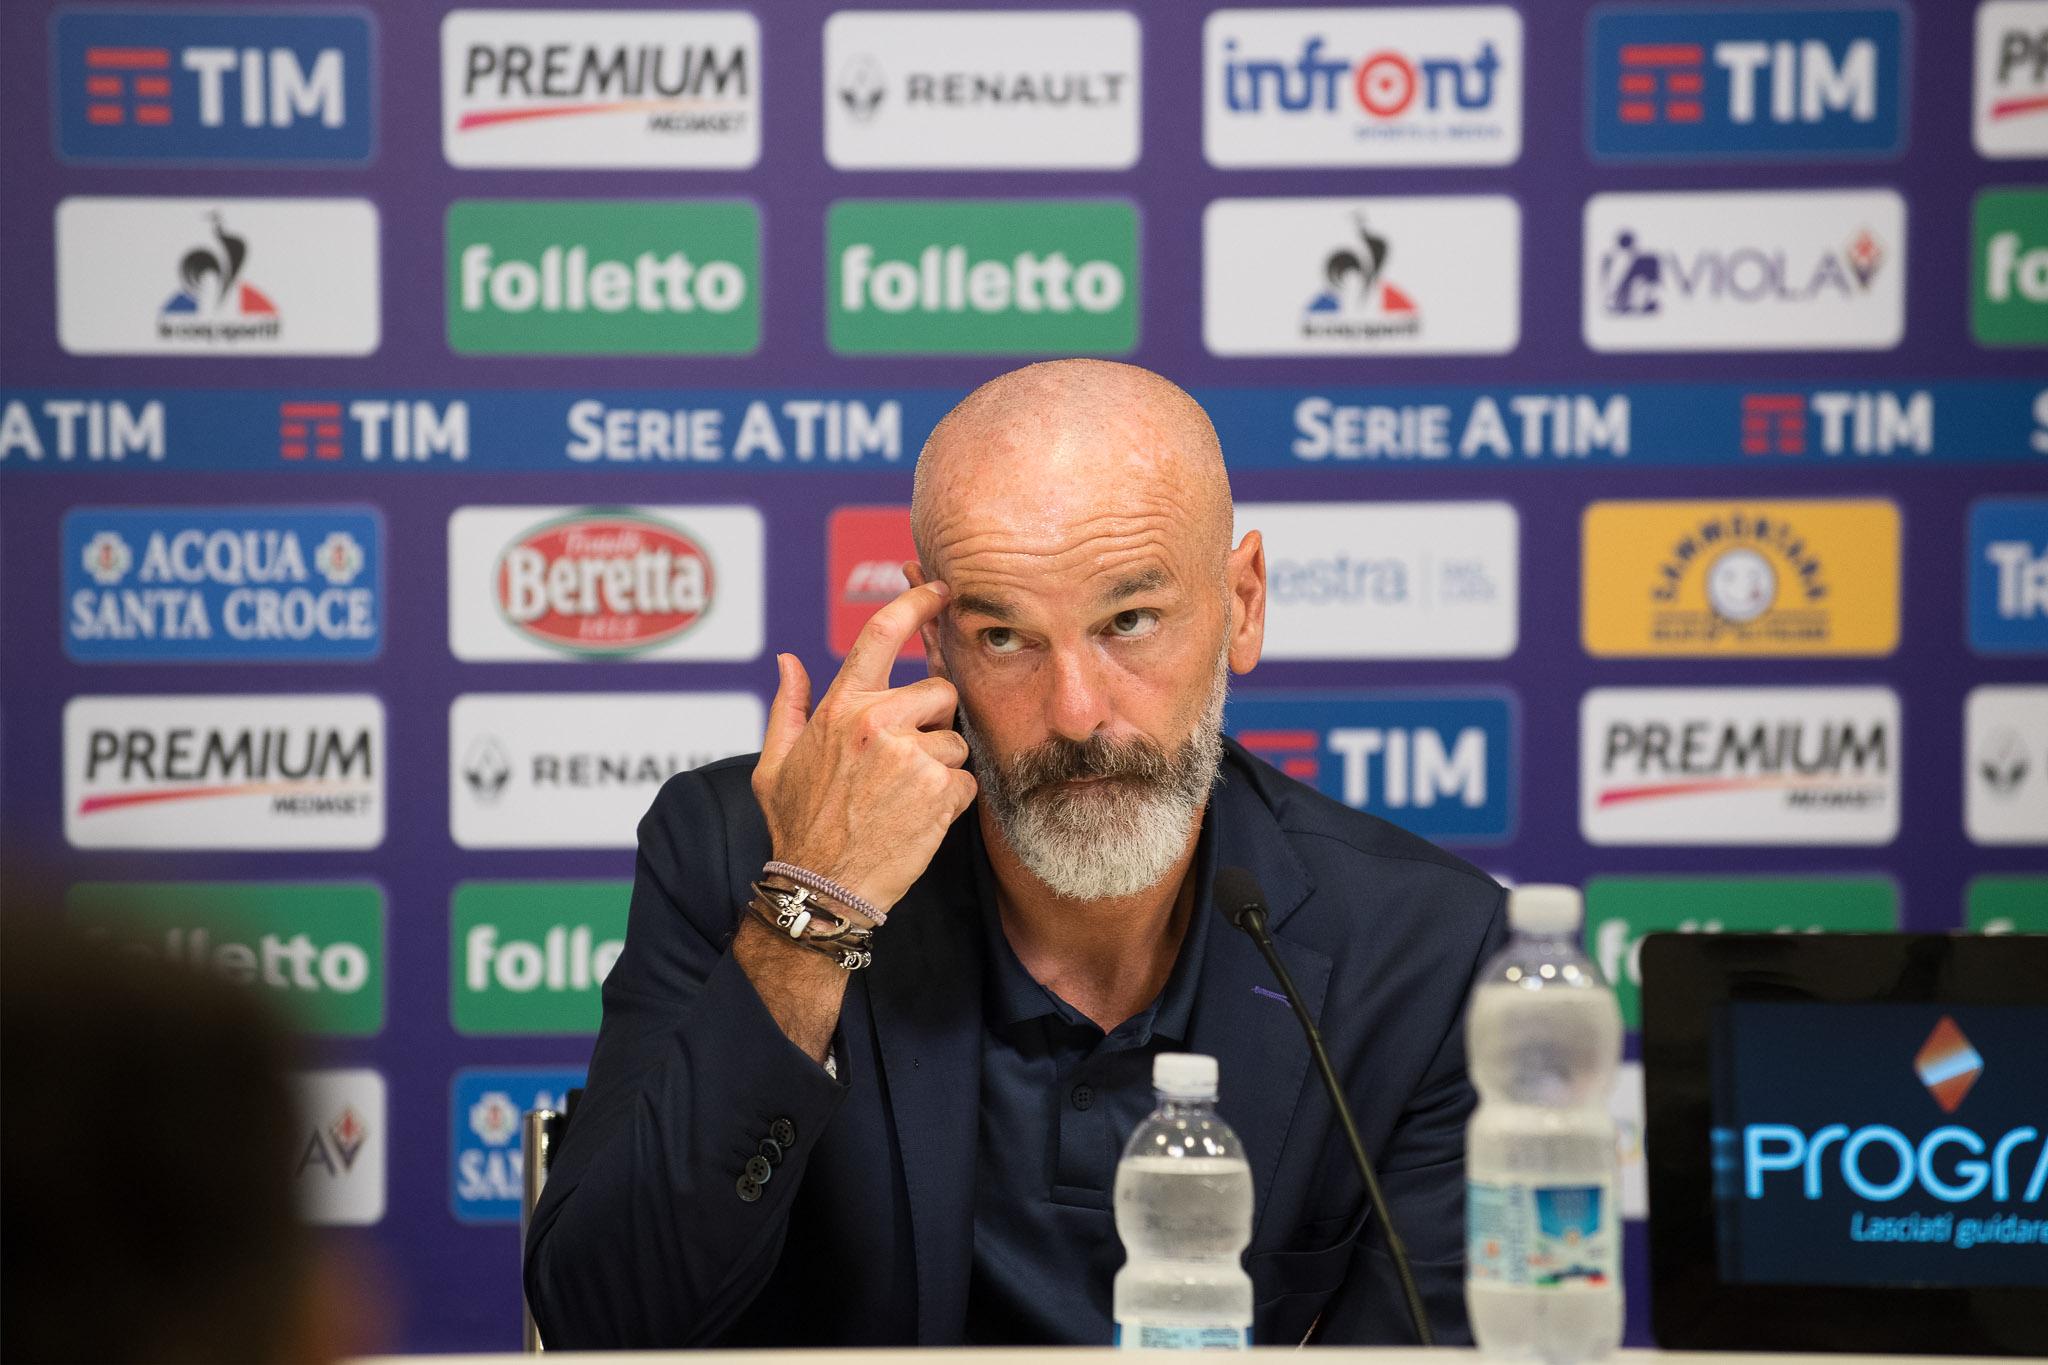 """Filippo Grassia: """"Tanti errori arbitrali, ma Pioli ha sbagliato i cambi"""""""